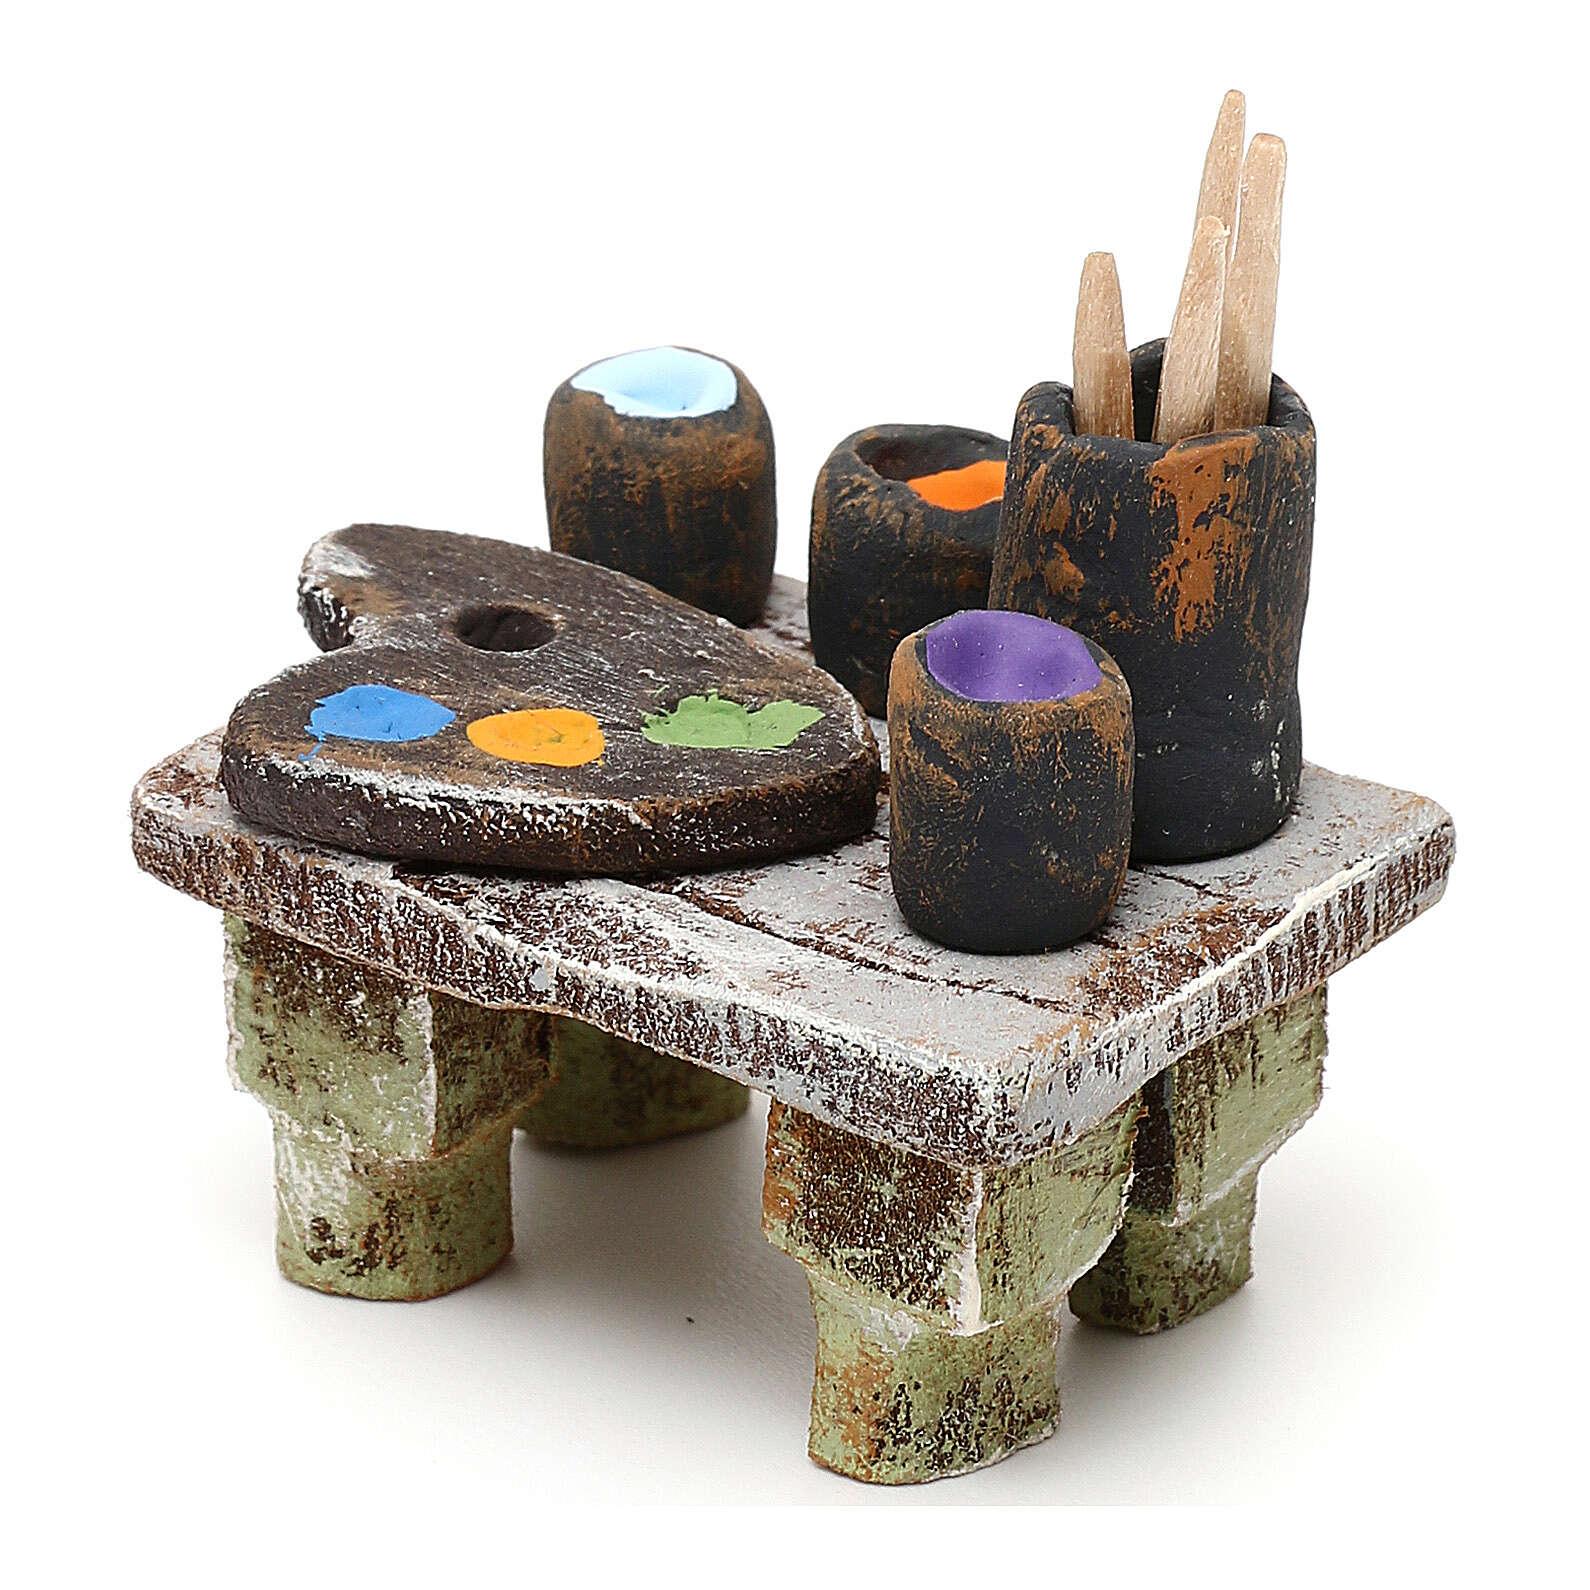 Miniature painter's table for 10 cm nativity, 5x5x5 cm 4